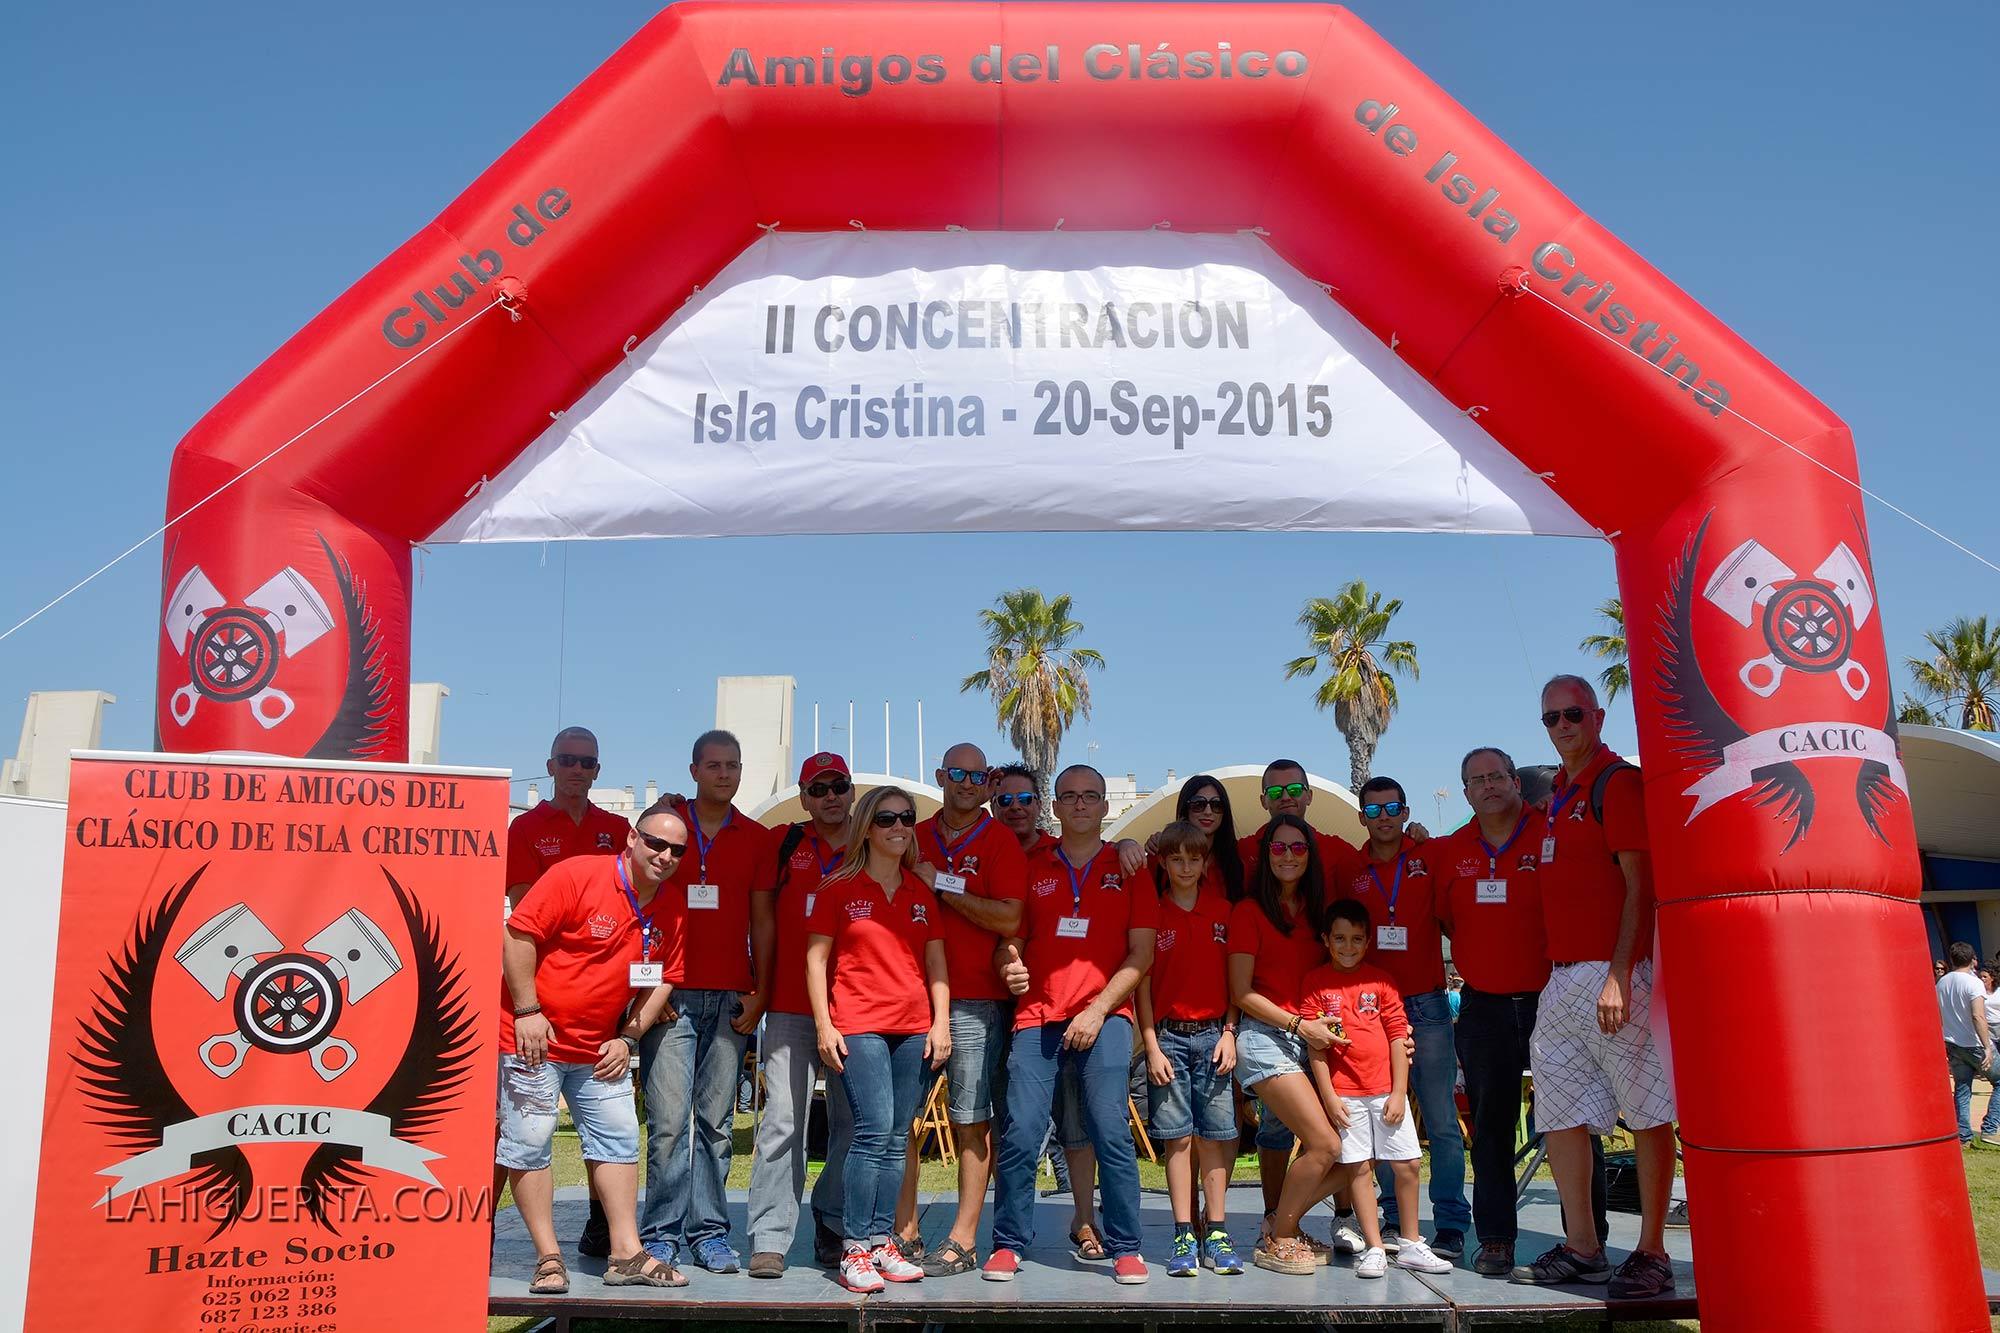 Celebrada la II Concentración de Vehículos Clásicos en Isla Cristina